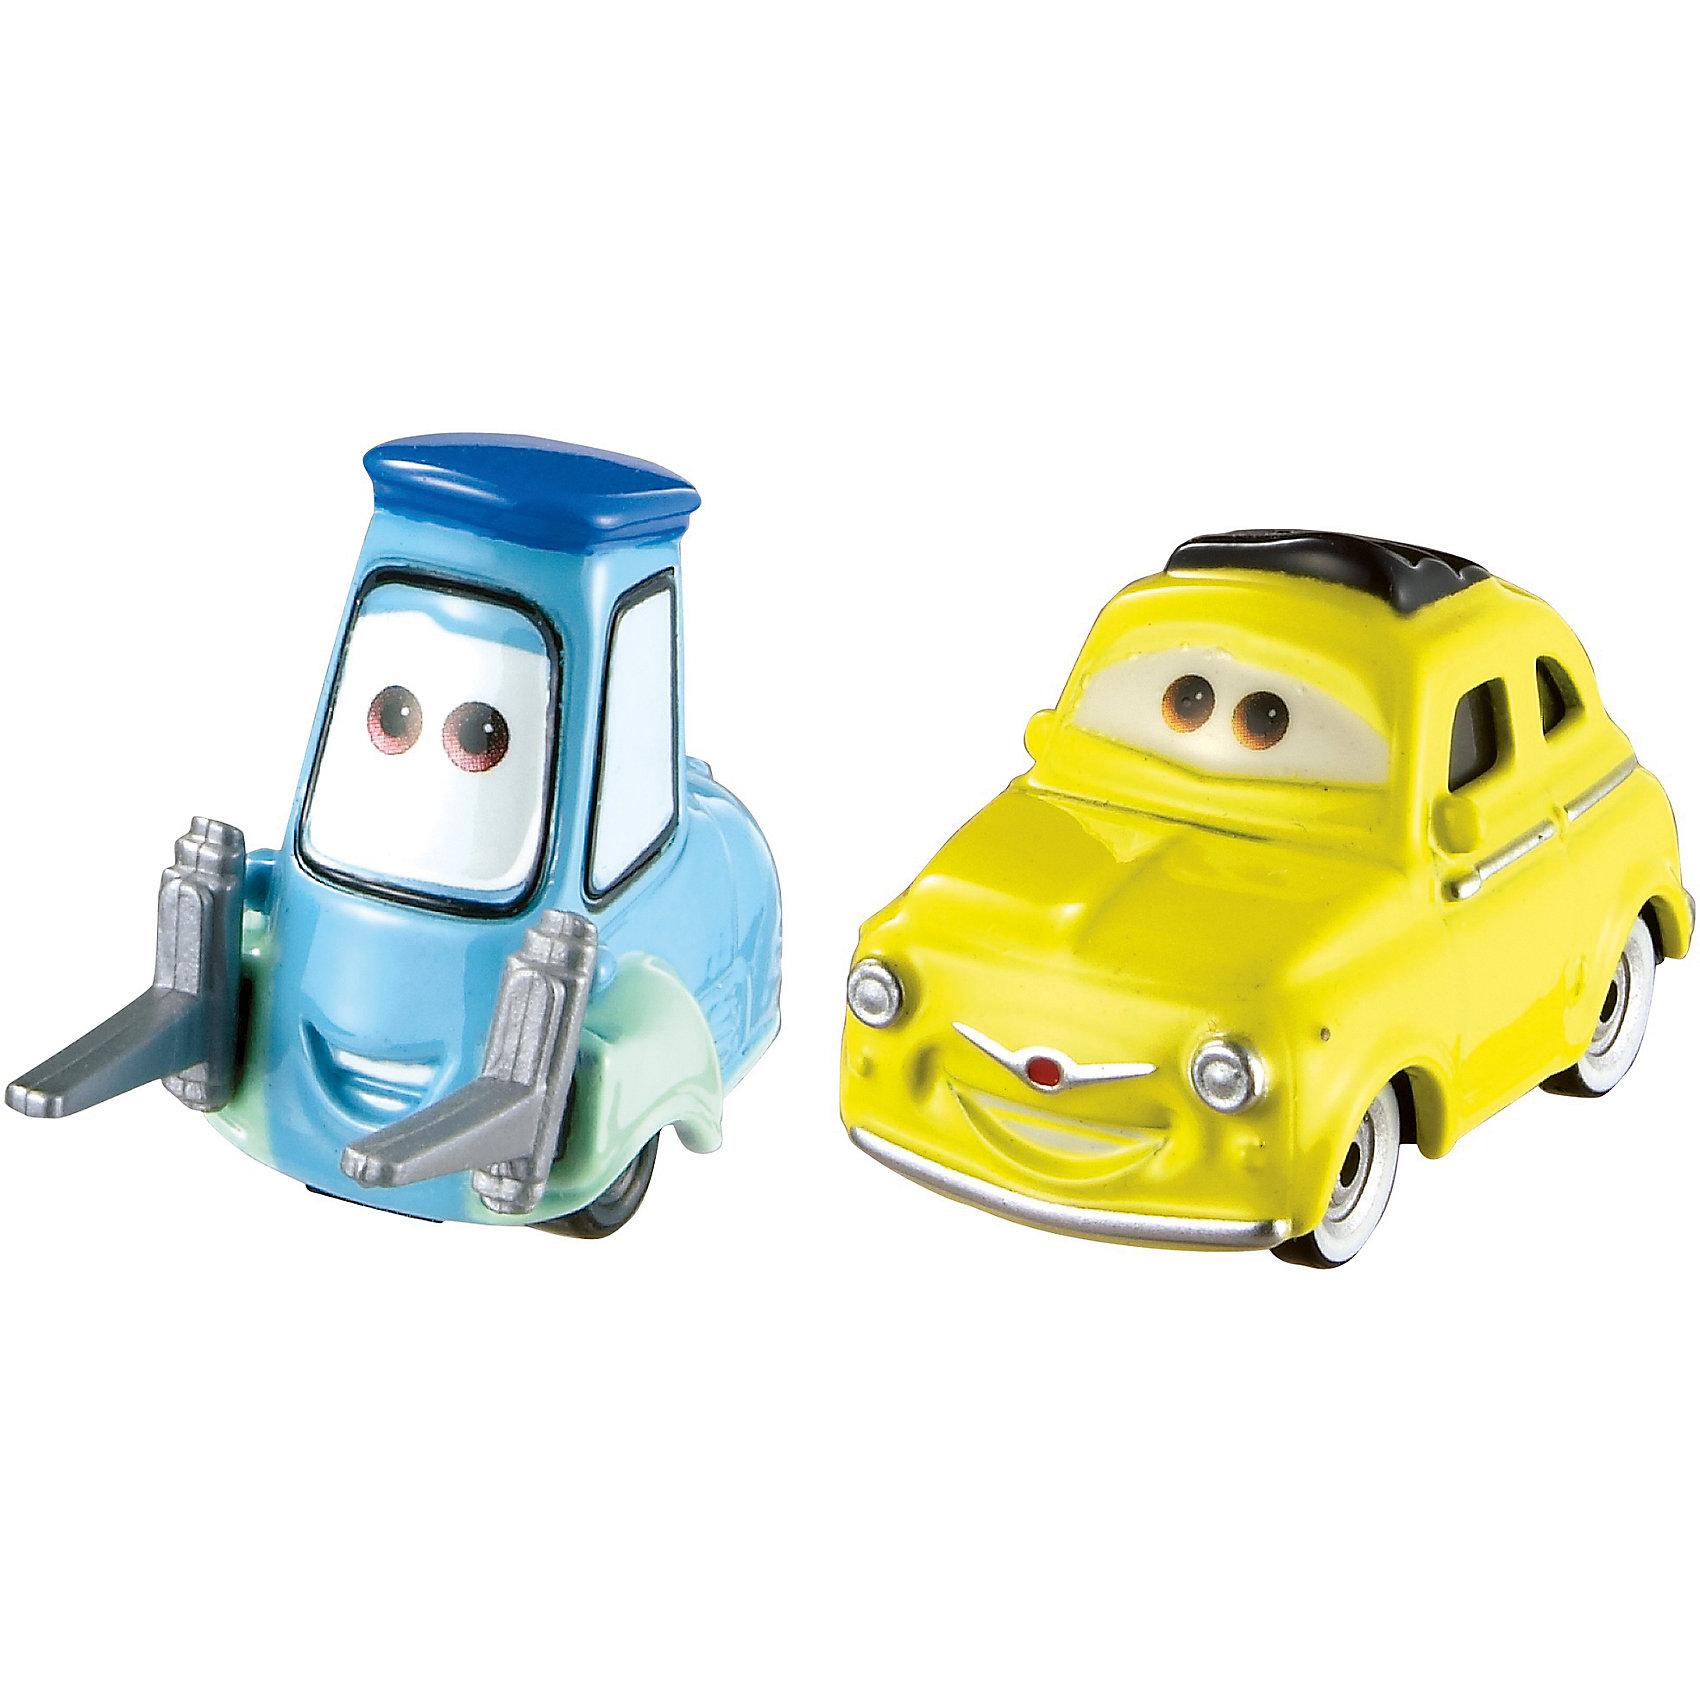 Базовая машинка Тачки 3Тачки<br>Характеристики товара:<br><br>• возраст: от 3 лет;<br>• материал: пластик, металл;<br>• масштаб: 1:55;<br>• размер упаковки: 16,5х14х7 см;<br>• вес упаковки: 85 гр.;<br>• страна производитель: Китай.<br><br>Базовая машинка Тачки 3 Mattel — один из персонажей известного мультфильма «Тачки 3». У машинки крутятся колеса, поэтому ее можно катать по полу. С игрушкой можно весело провести время, устроив захватывающие гонки. А можно также собрать целую коллекцию любимых героев и играть вместе с друзьями. Машинка выполнена из качественных безопасных материалов.<br><br>Базовую машинку Тачки 3 Mattel можно приобрести в нашем интернет-магазине.<br><br>Ширина мм: 140<br>Глубина мм: 40<br>Высота мм: 165<br>Вес г: 85<br>Возраст от месяцев: 36<br>Возраст до месяцев: 120<br>Пол: Мужской<br>Возраст: Детский<br>SKU: 6771797